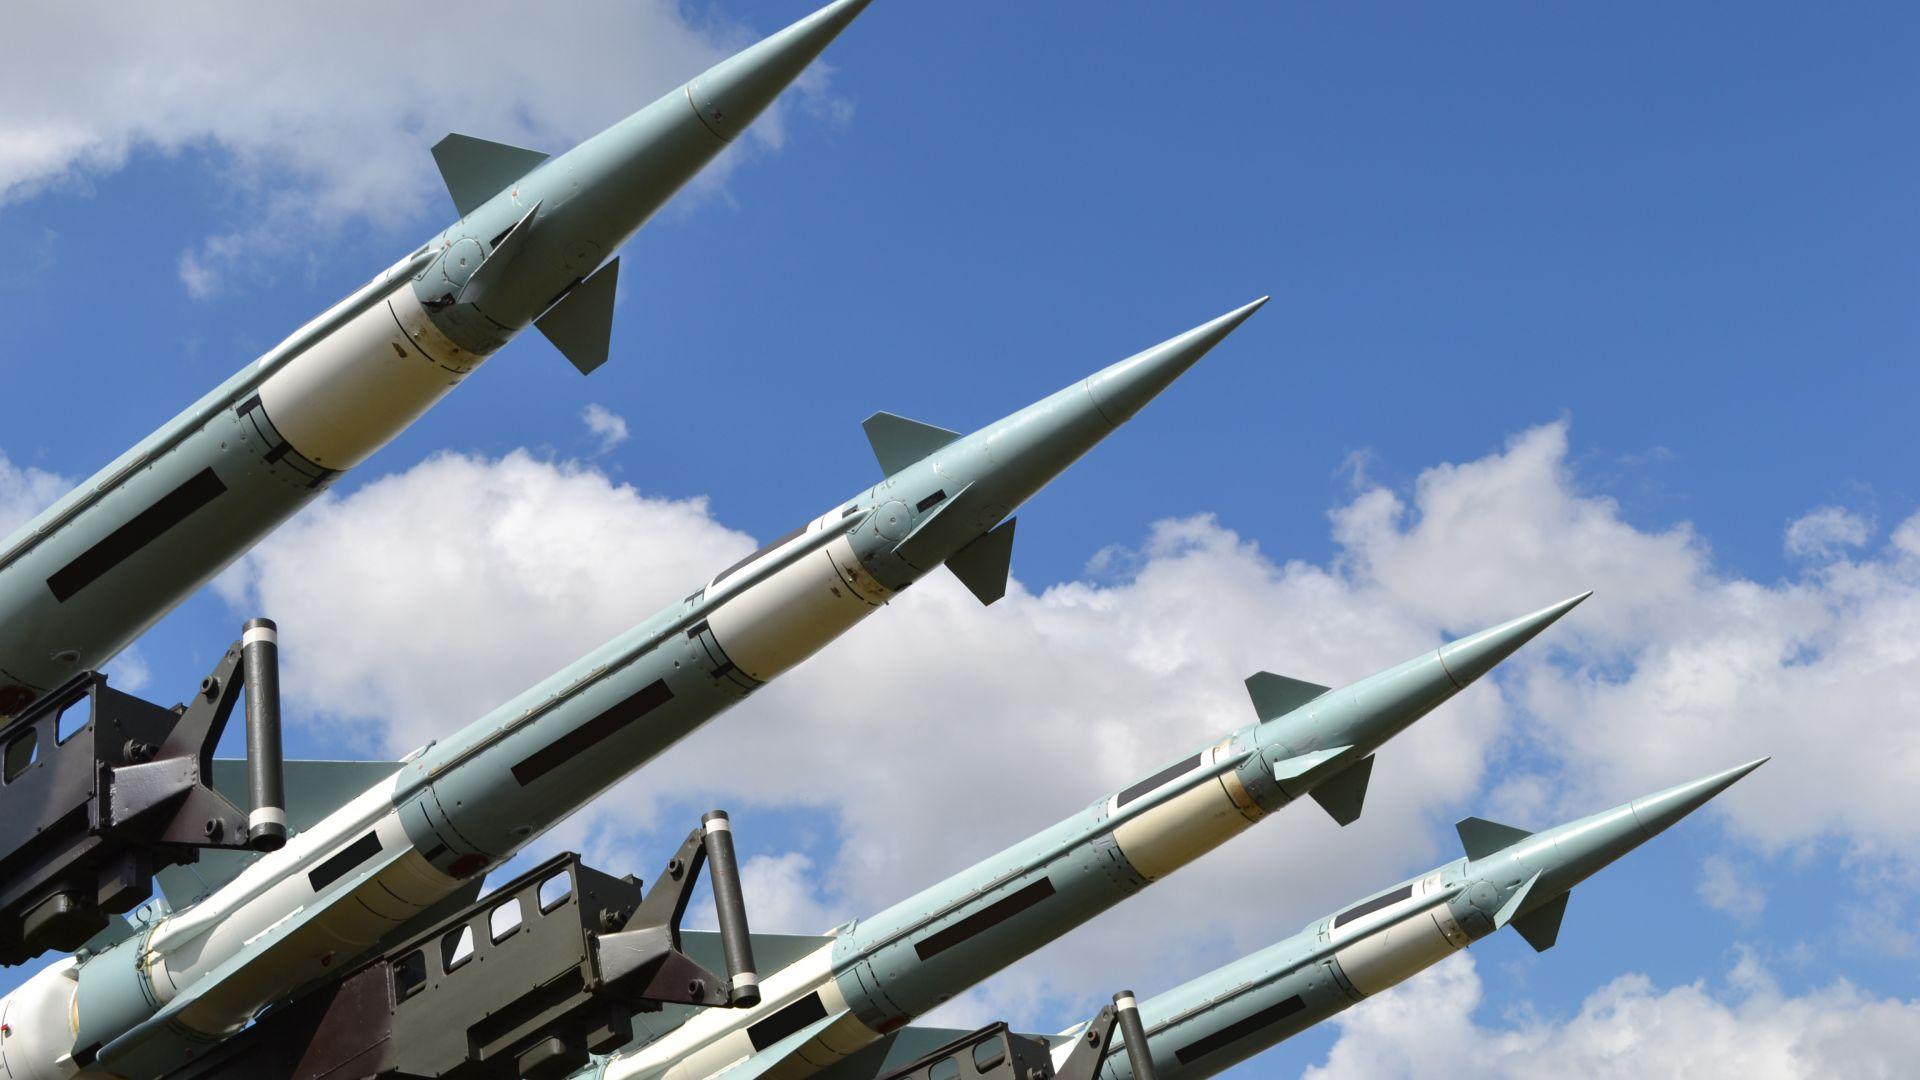 Италия блокира военна сделка за €400 млн. с ОАЕ и Саудитска Арабия